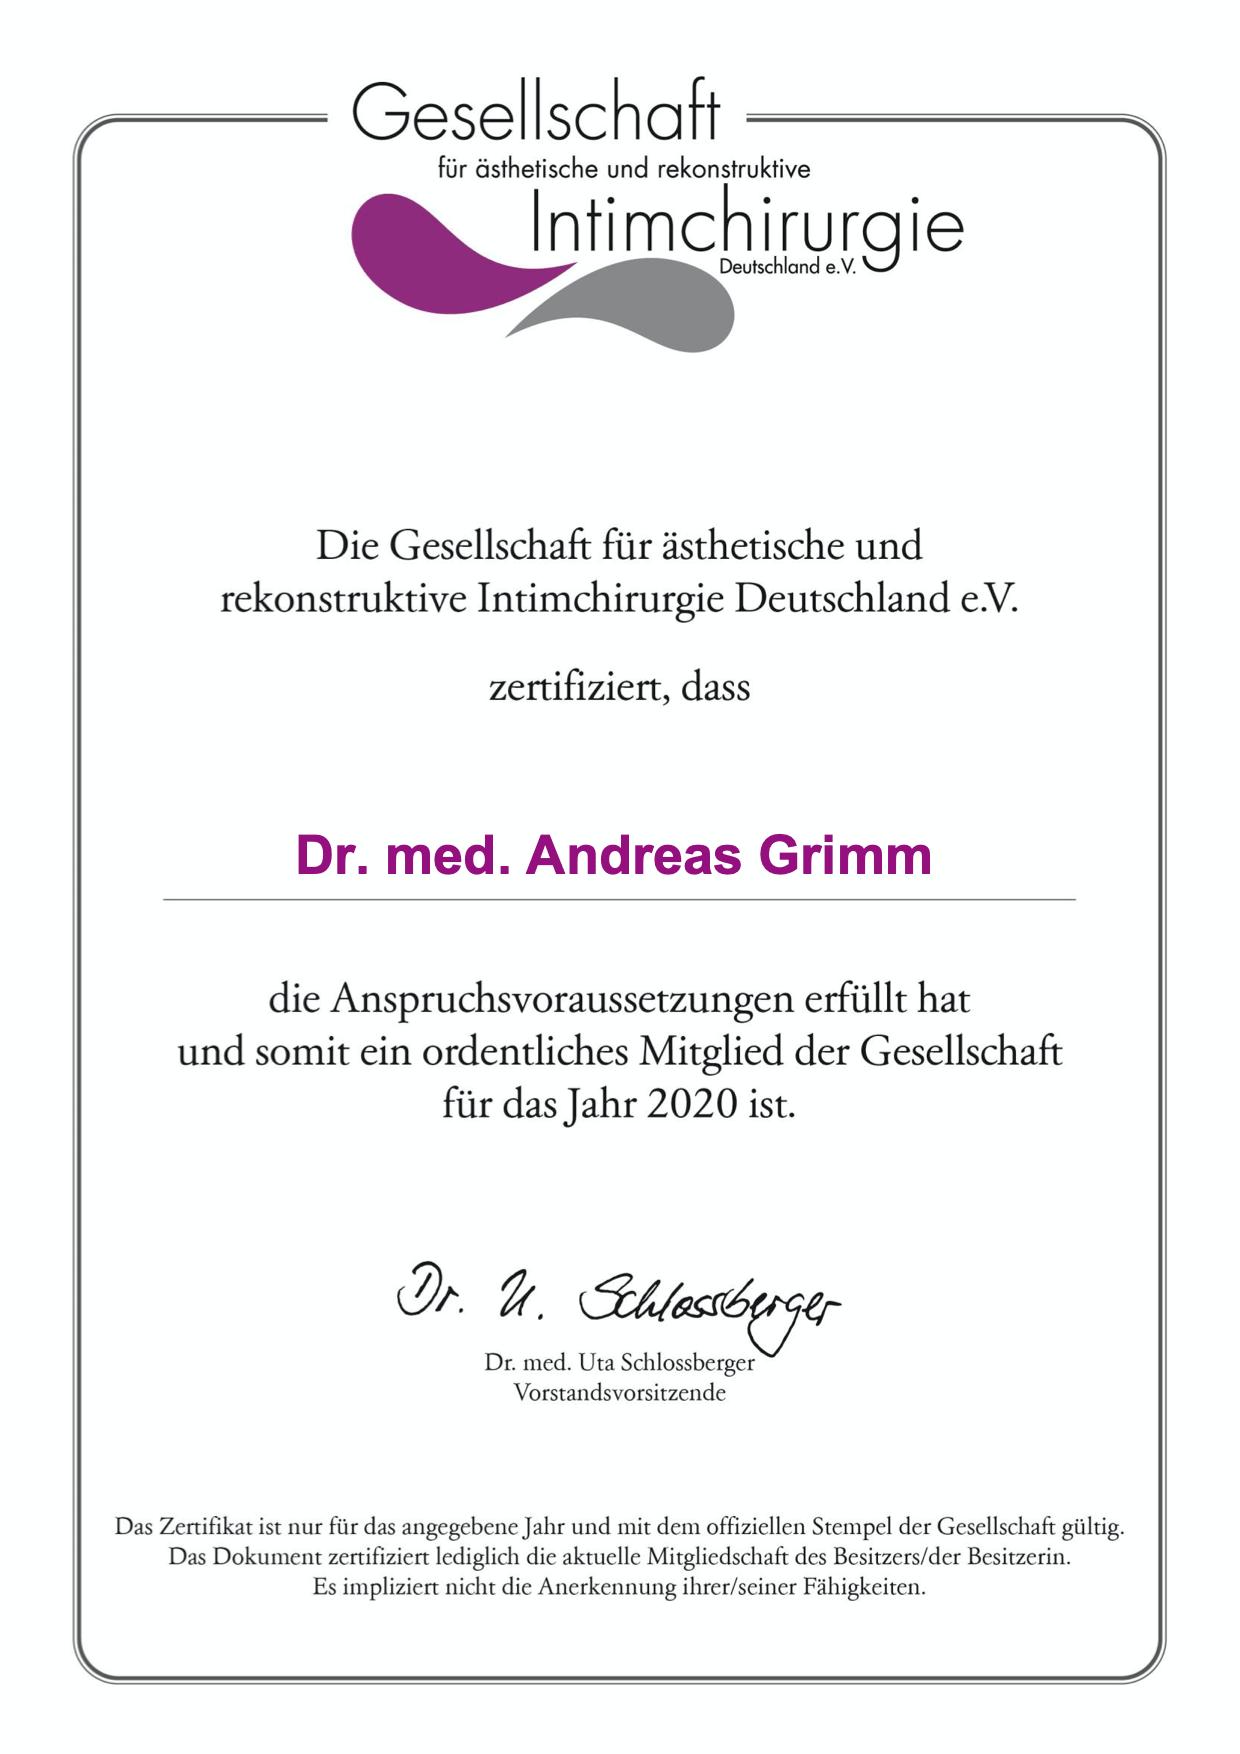 gaerid zertifikat 2020 mitgliedschaft gesellschaft intimchirurgie grimm